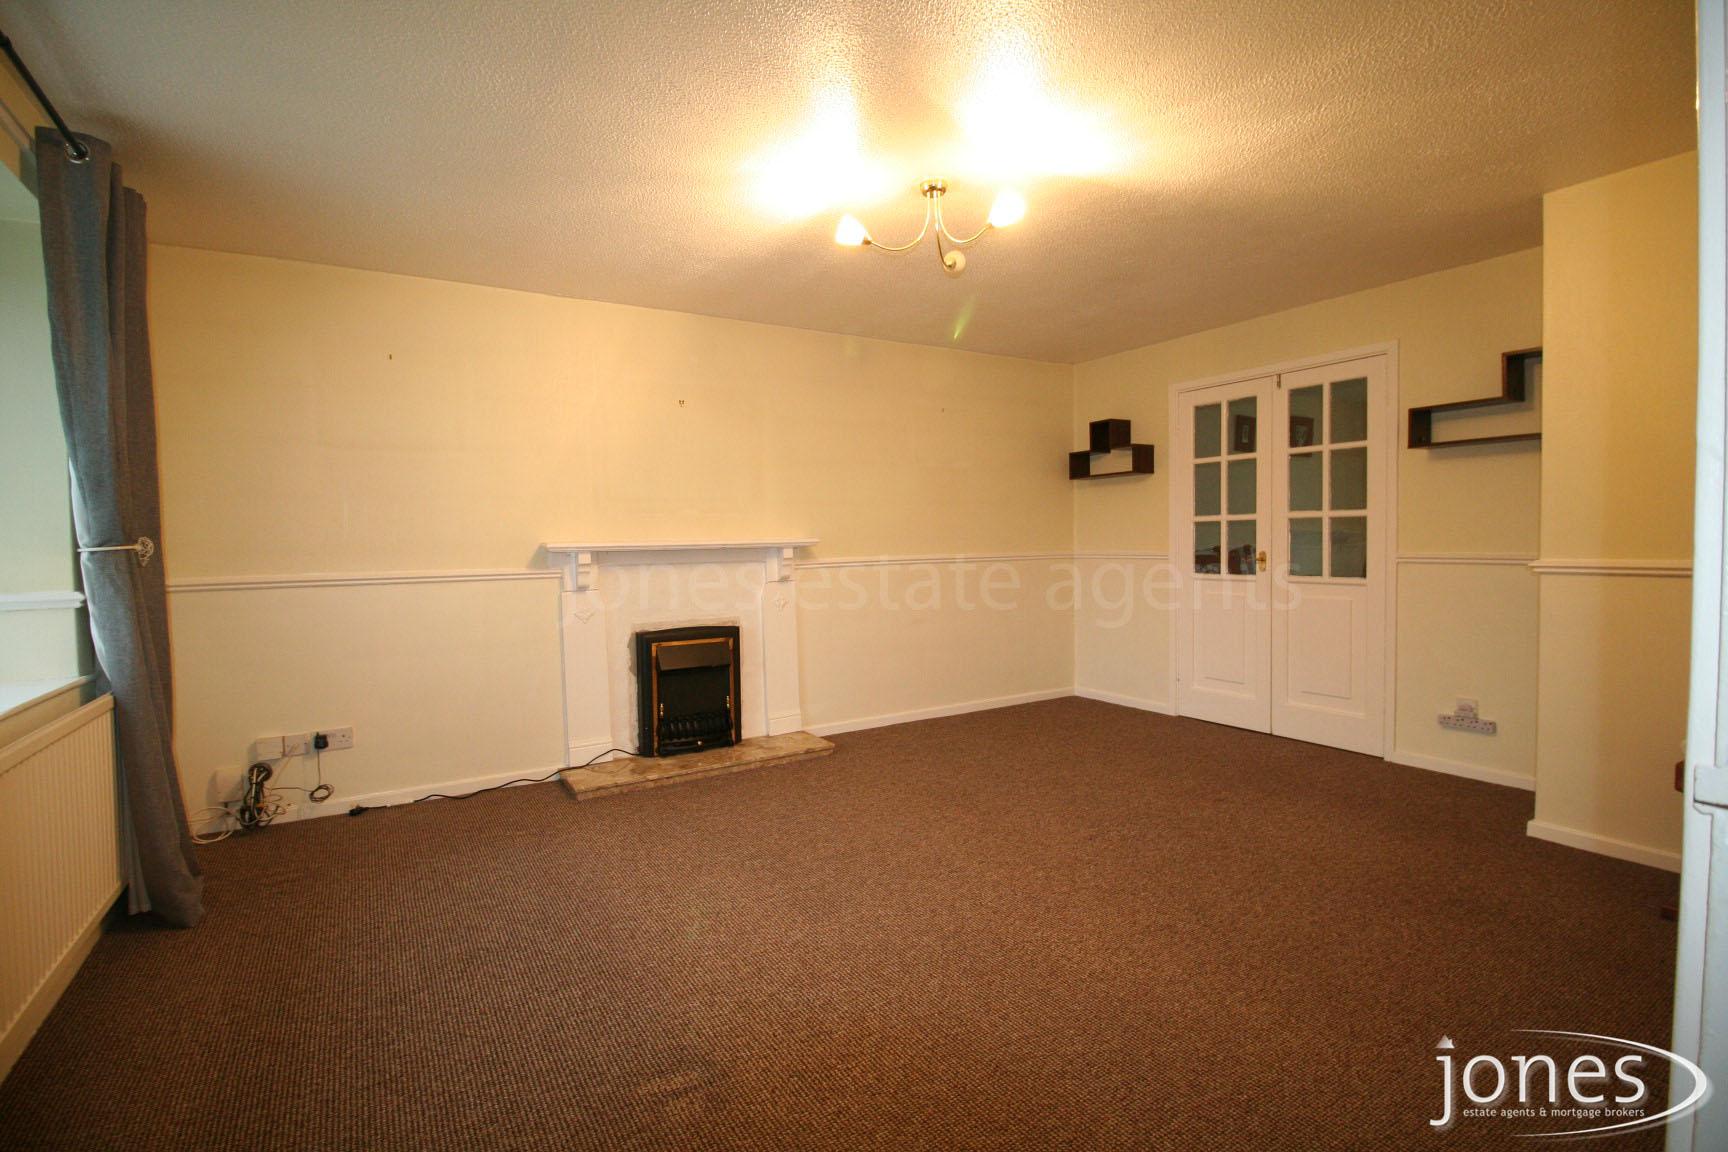 Home for Sale Let - Photo 02 Millington Close, Billingham, TS23 3FD